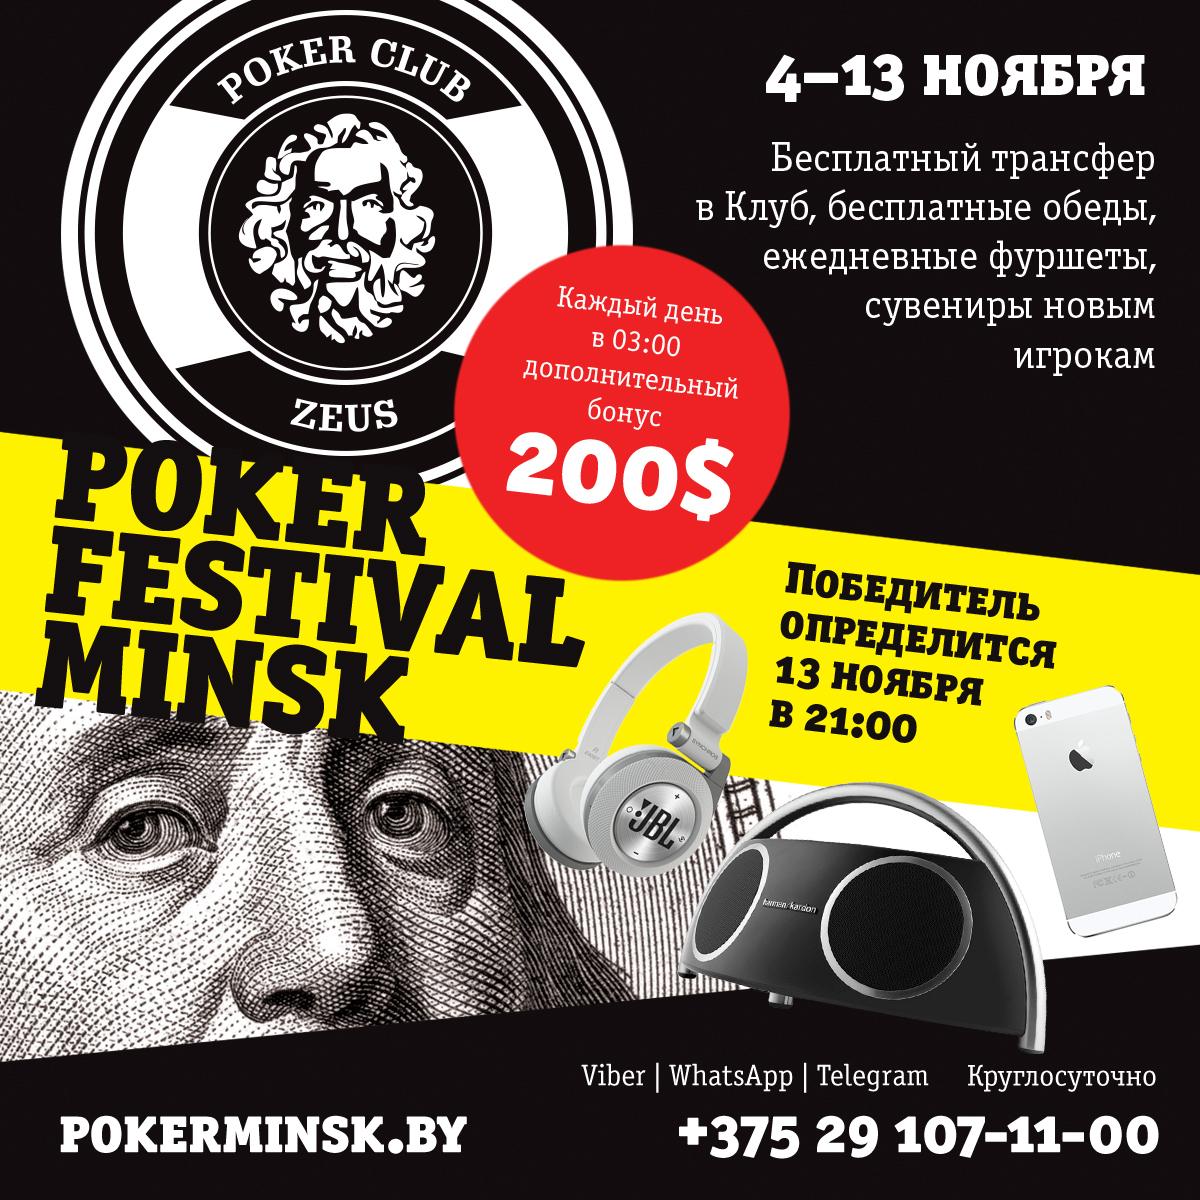 Покерный фестиваль